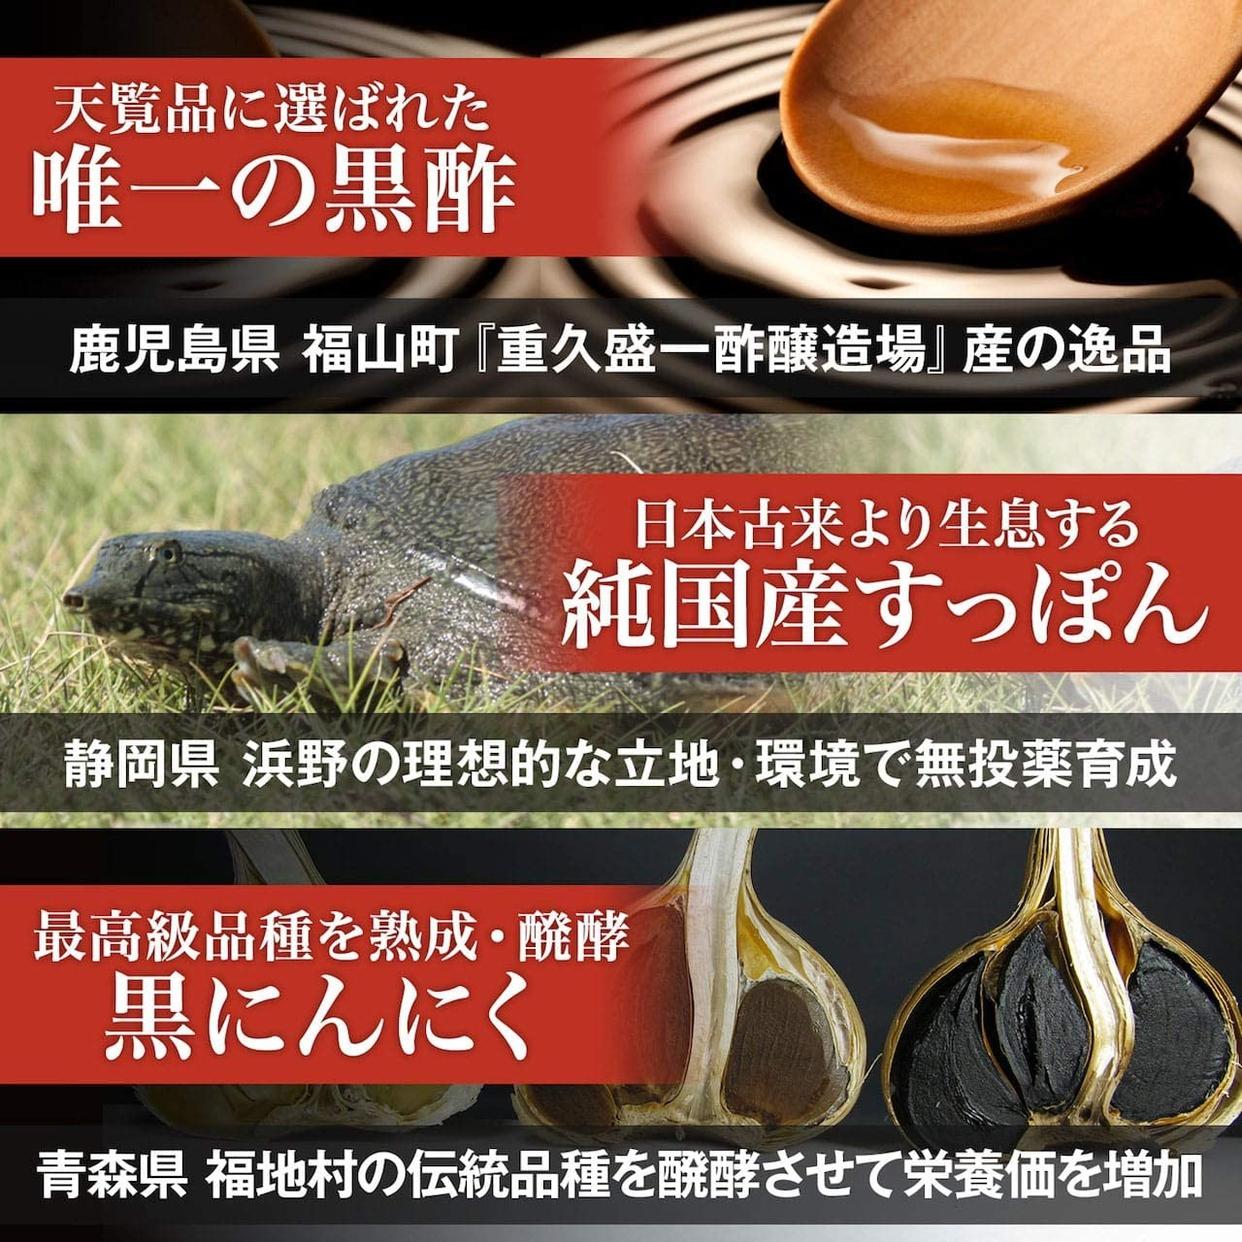 プロスポーツ出版(プロスポーツシュッパン) 国産 命のすっぽん黒酢の商品画像9